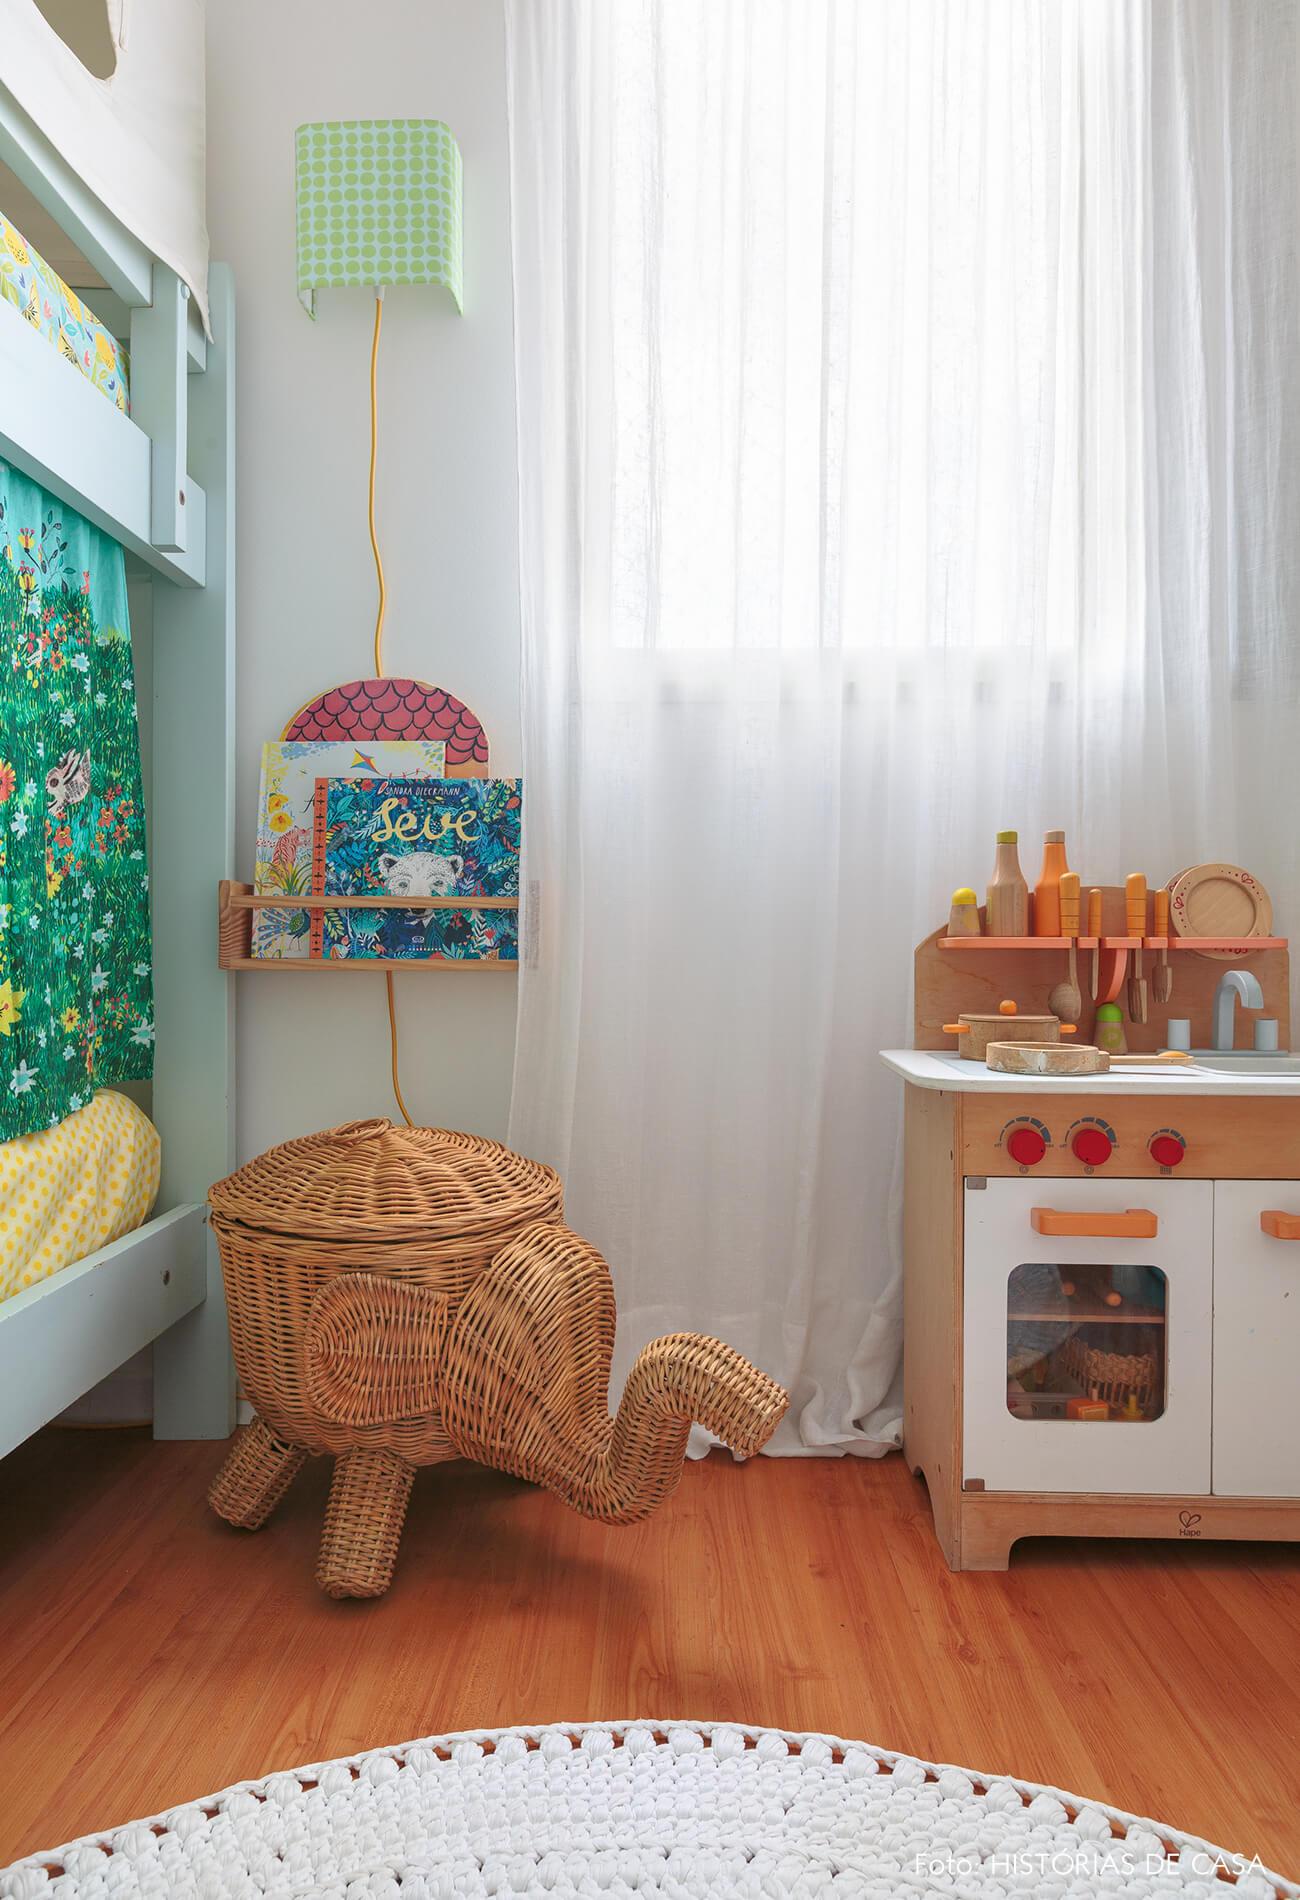 decoração praiana quarto infantil com cesto e brinquedos de madeira